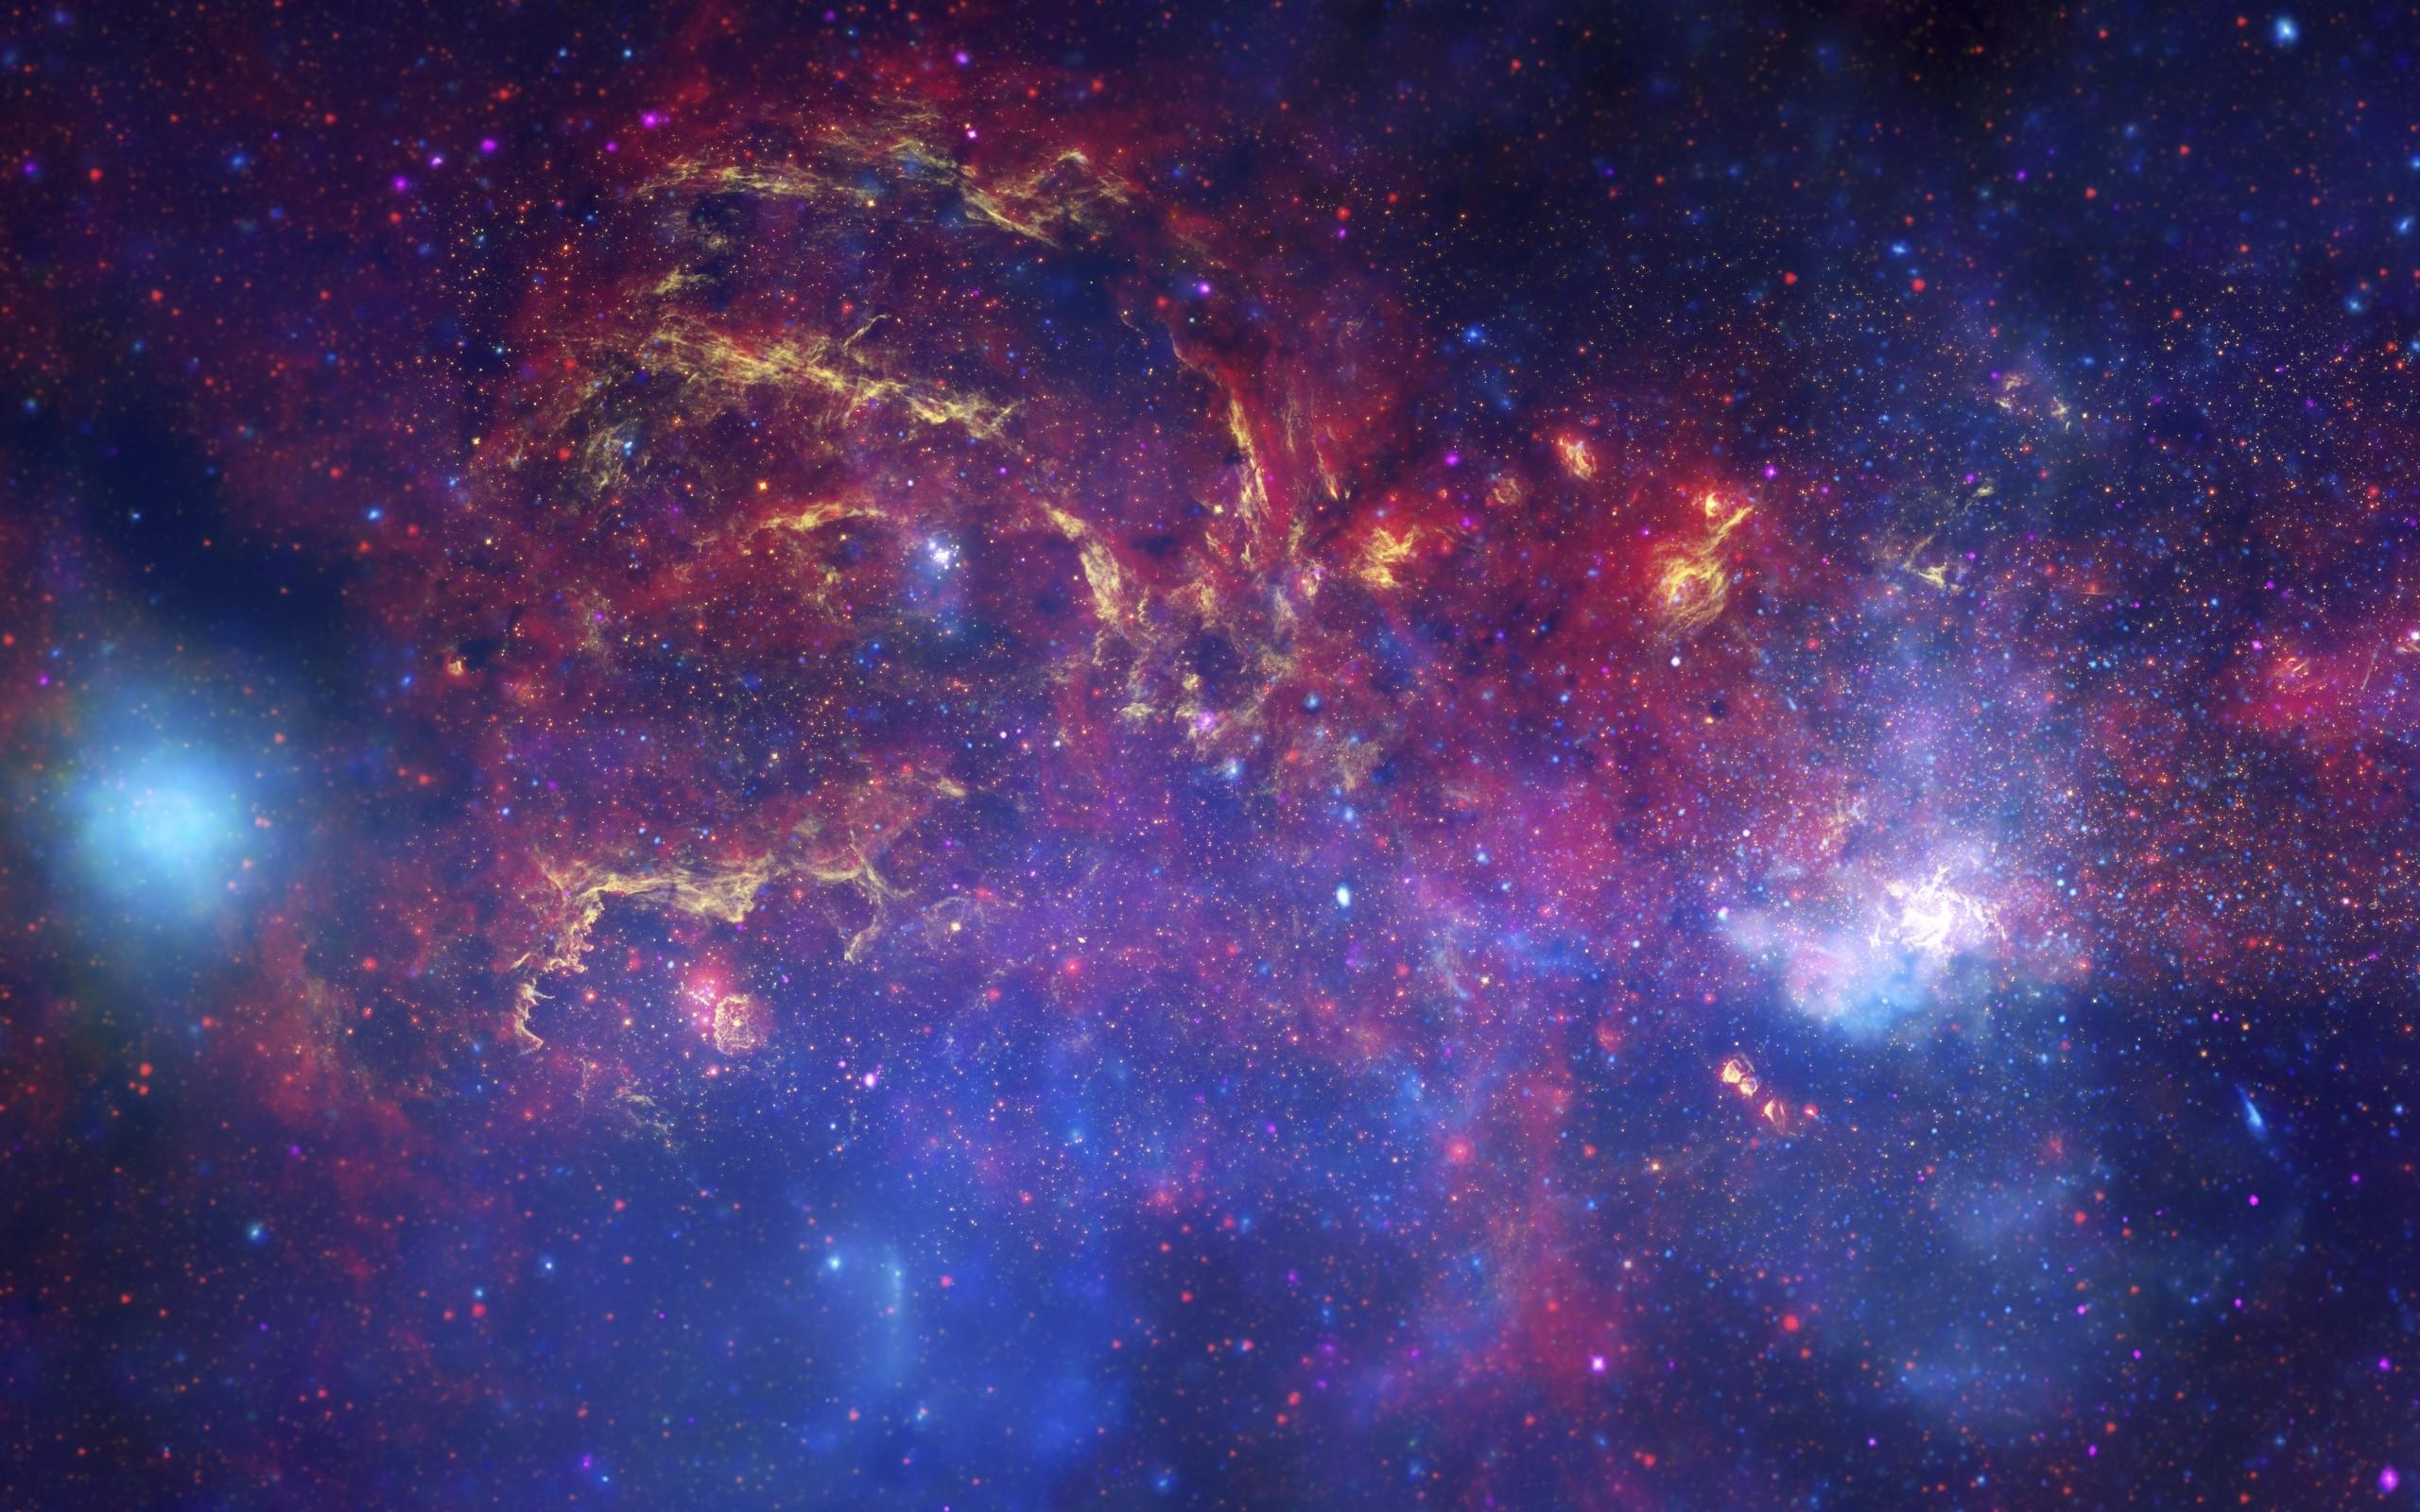 General 2560x1600 space digital art space art